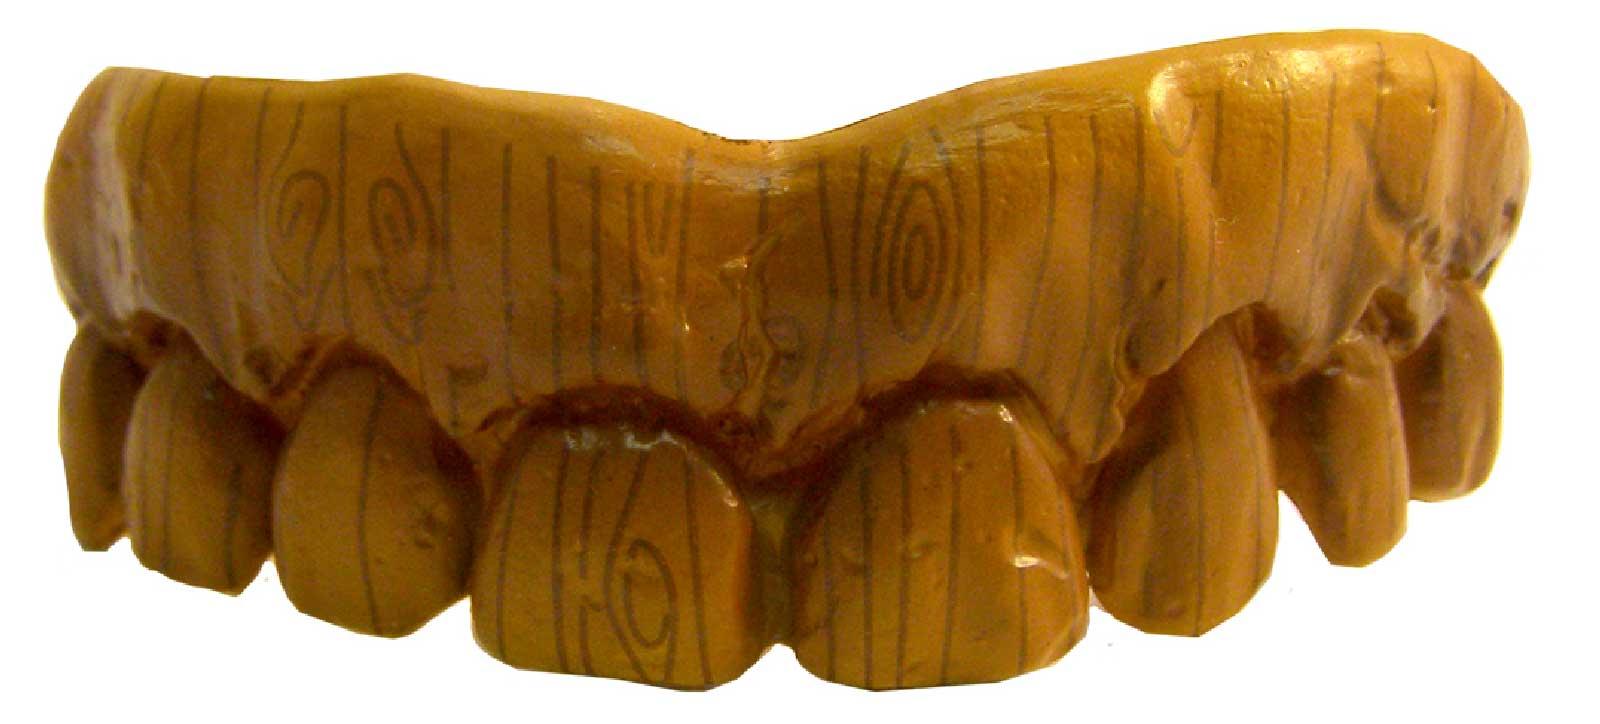 Fake Wooden Teeth Buycostumes